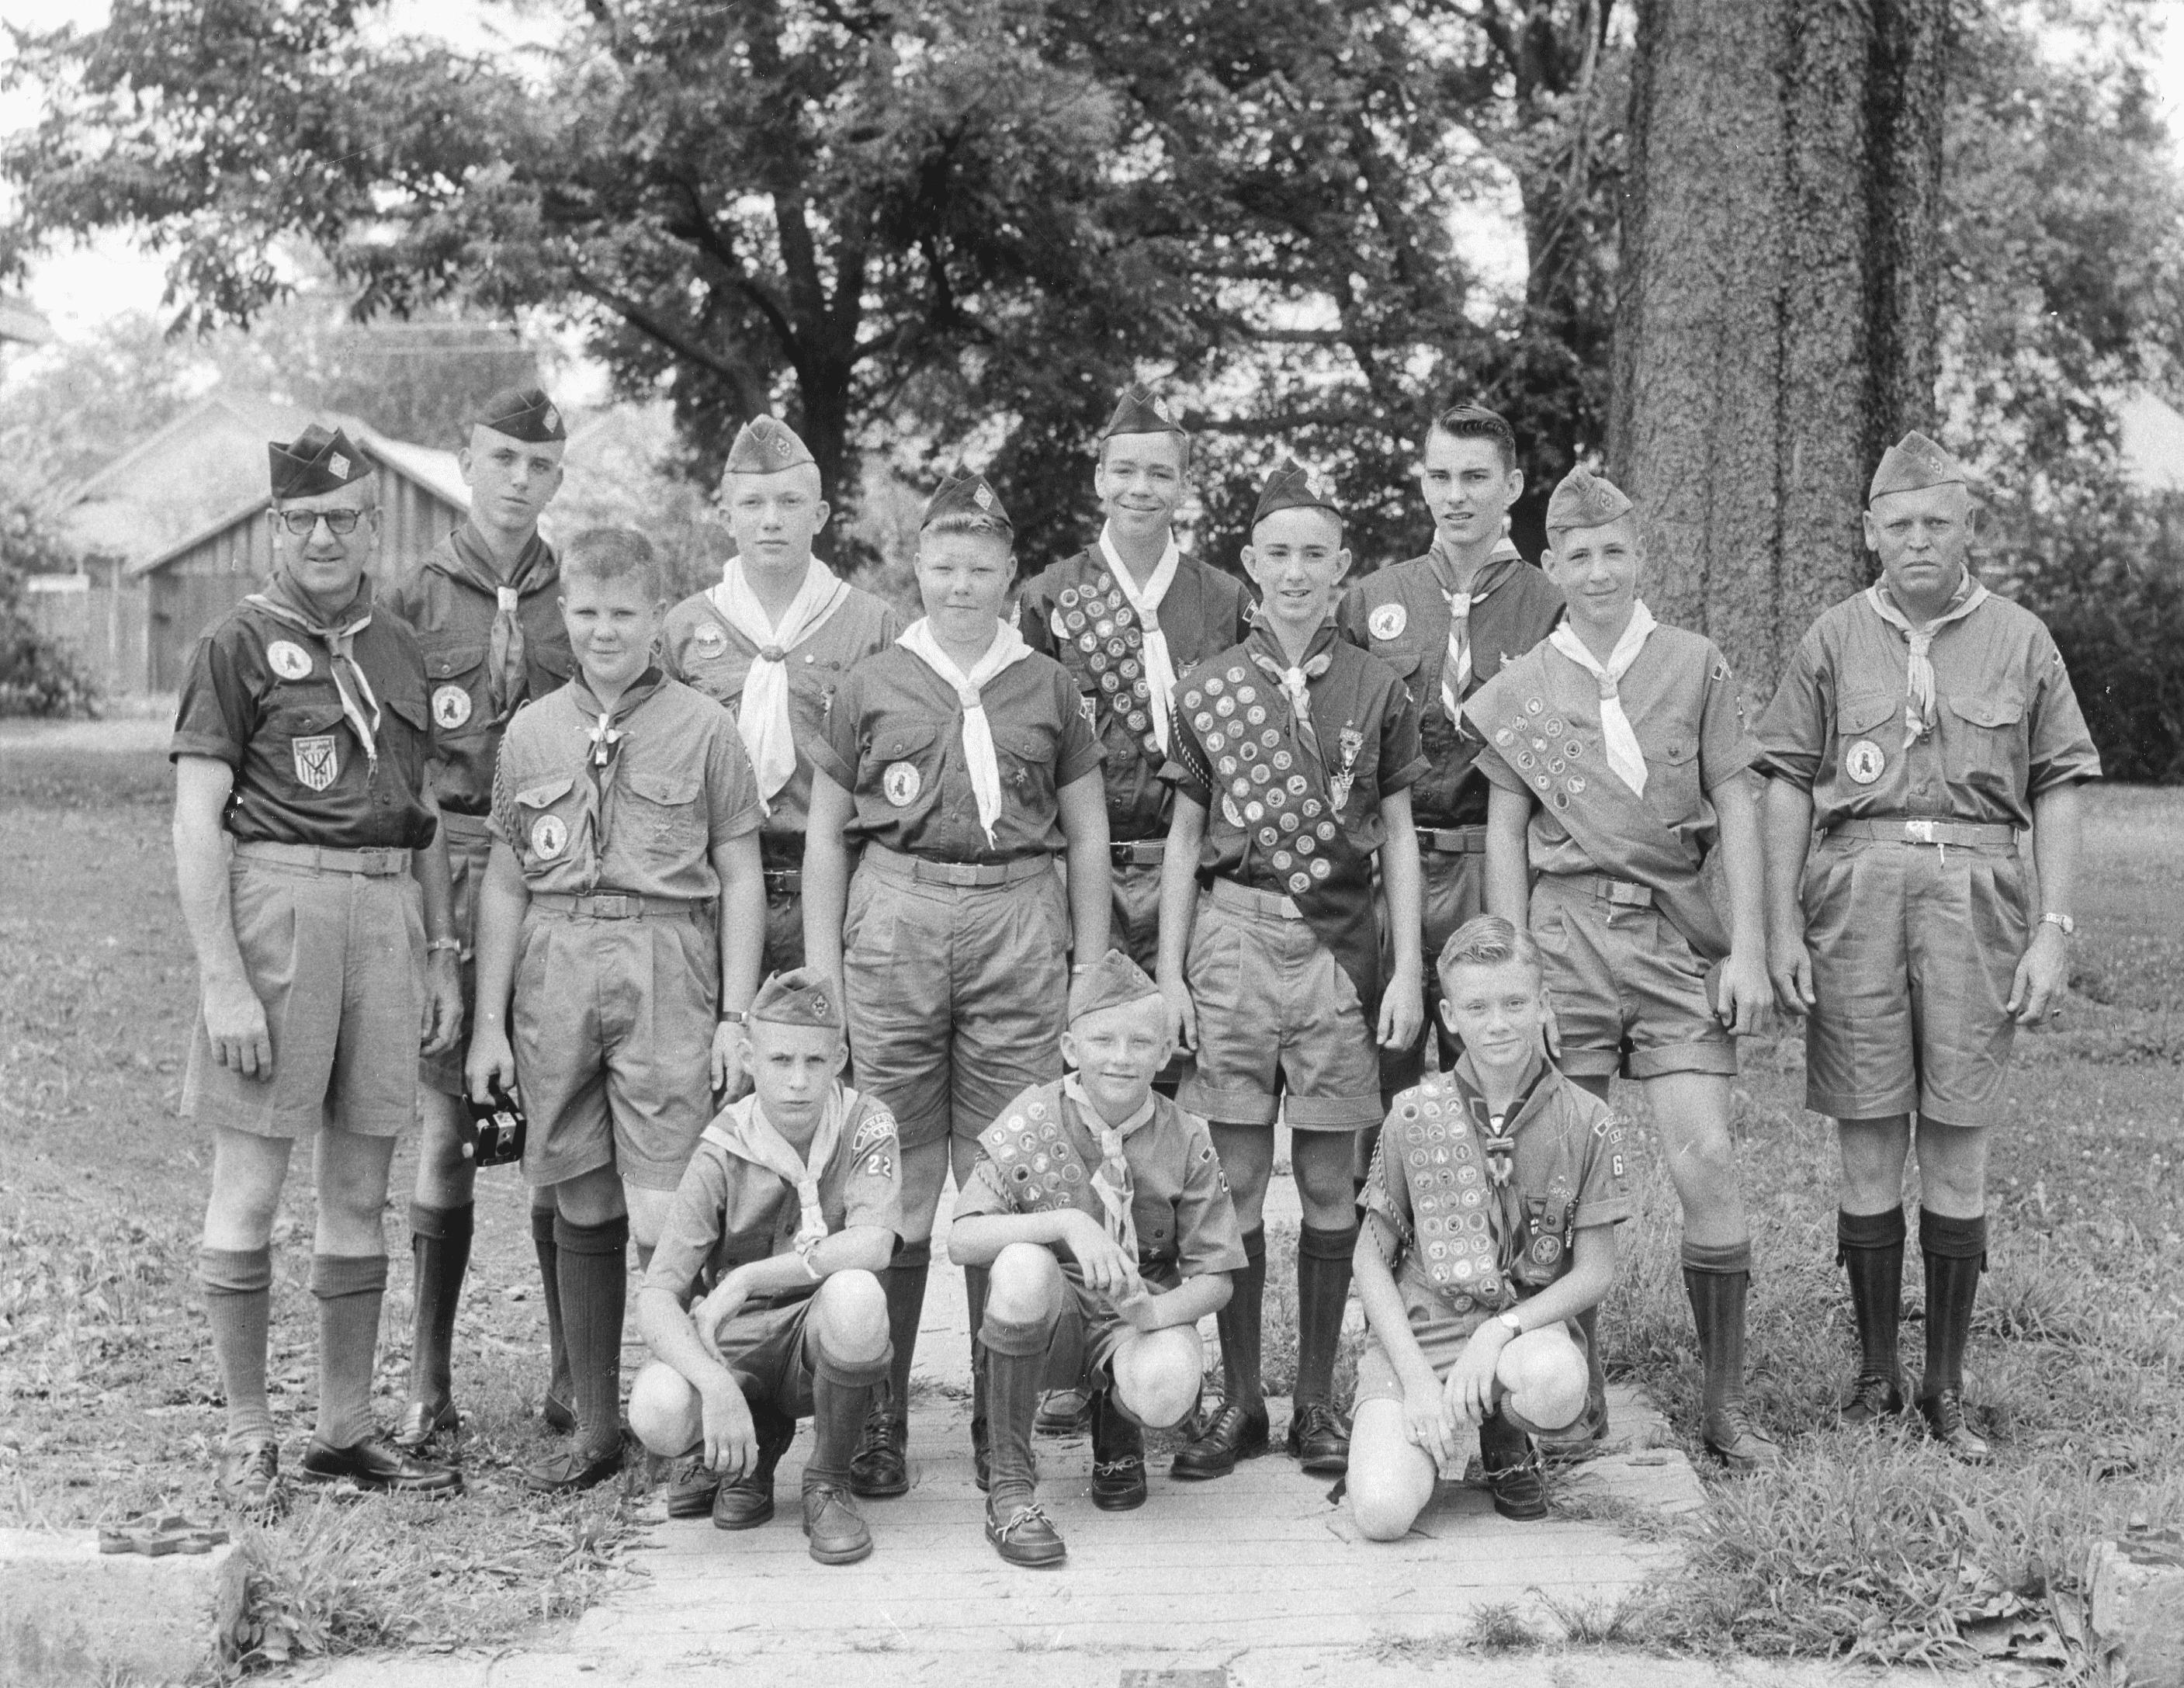 1957 – Boy Scouts